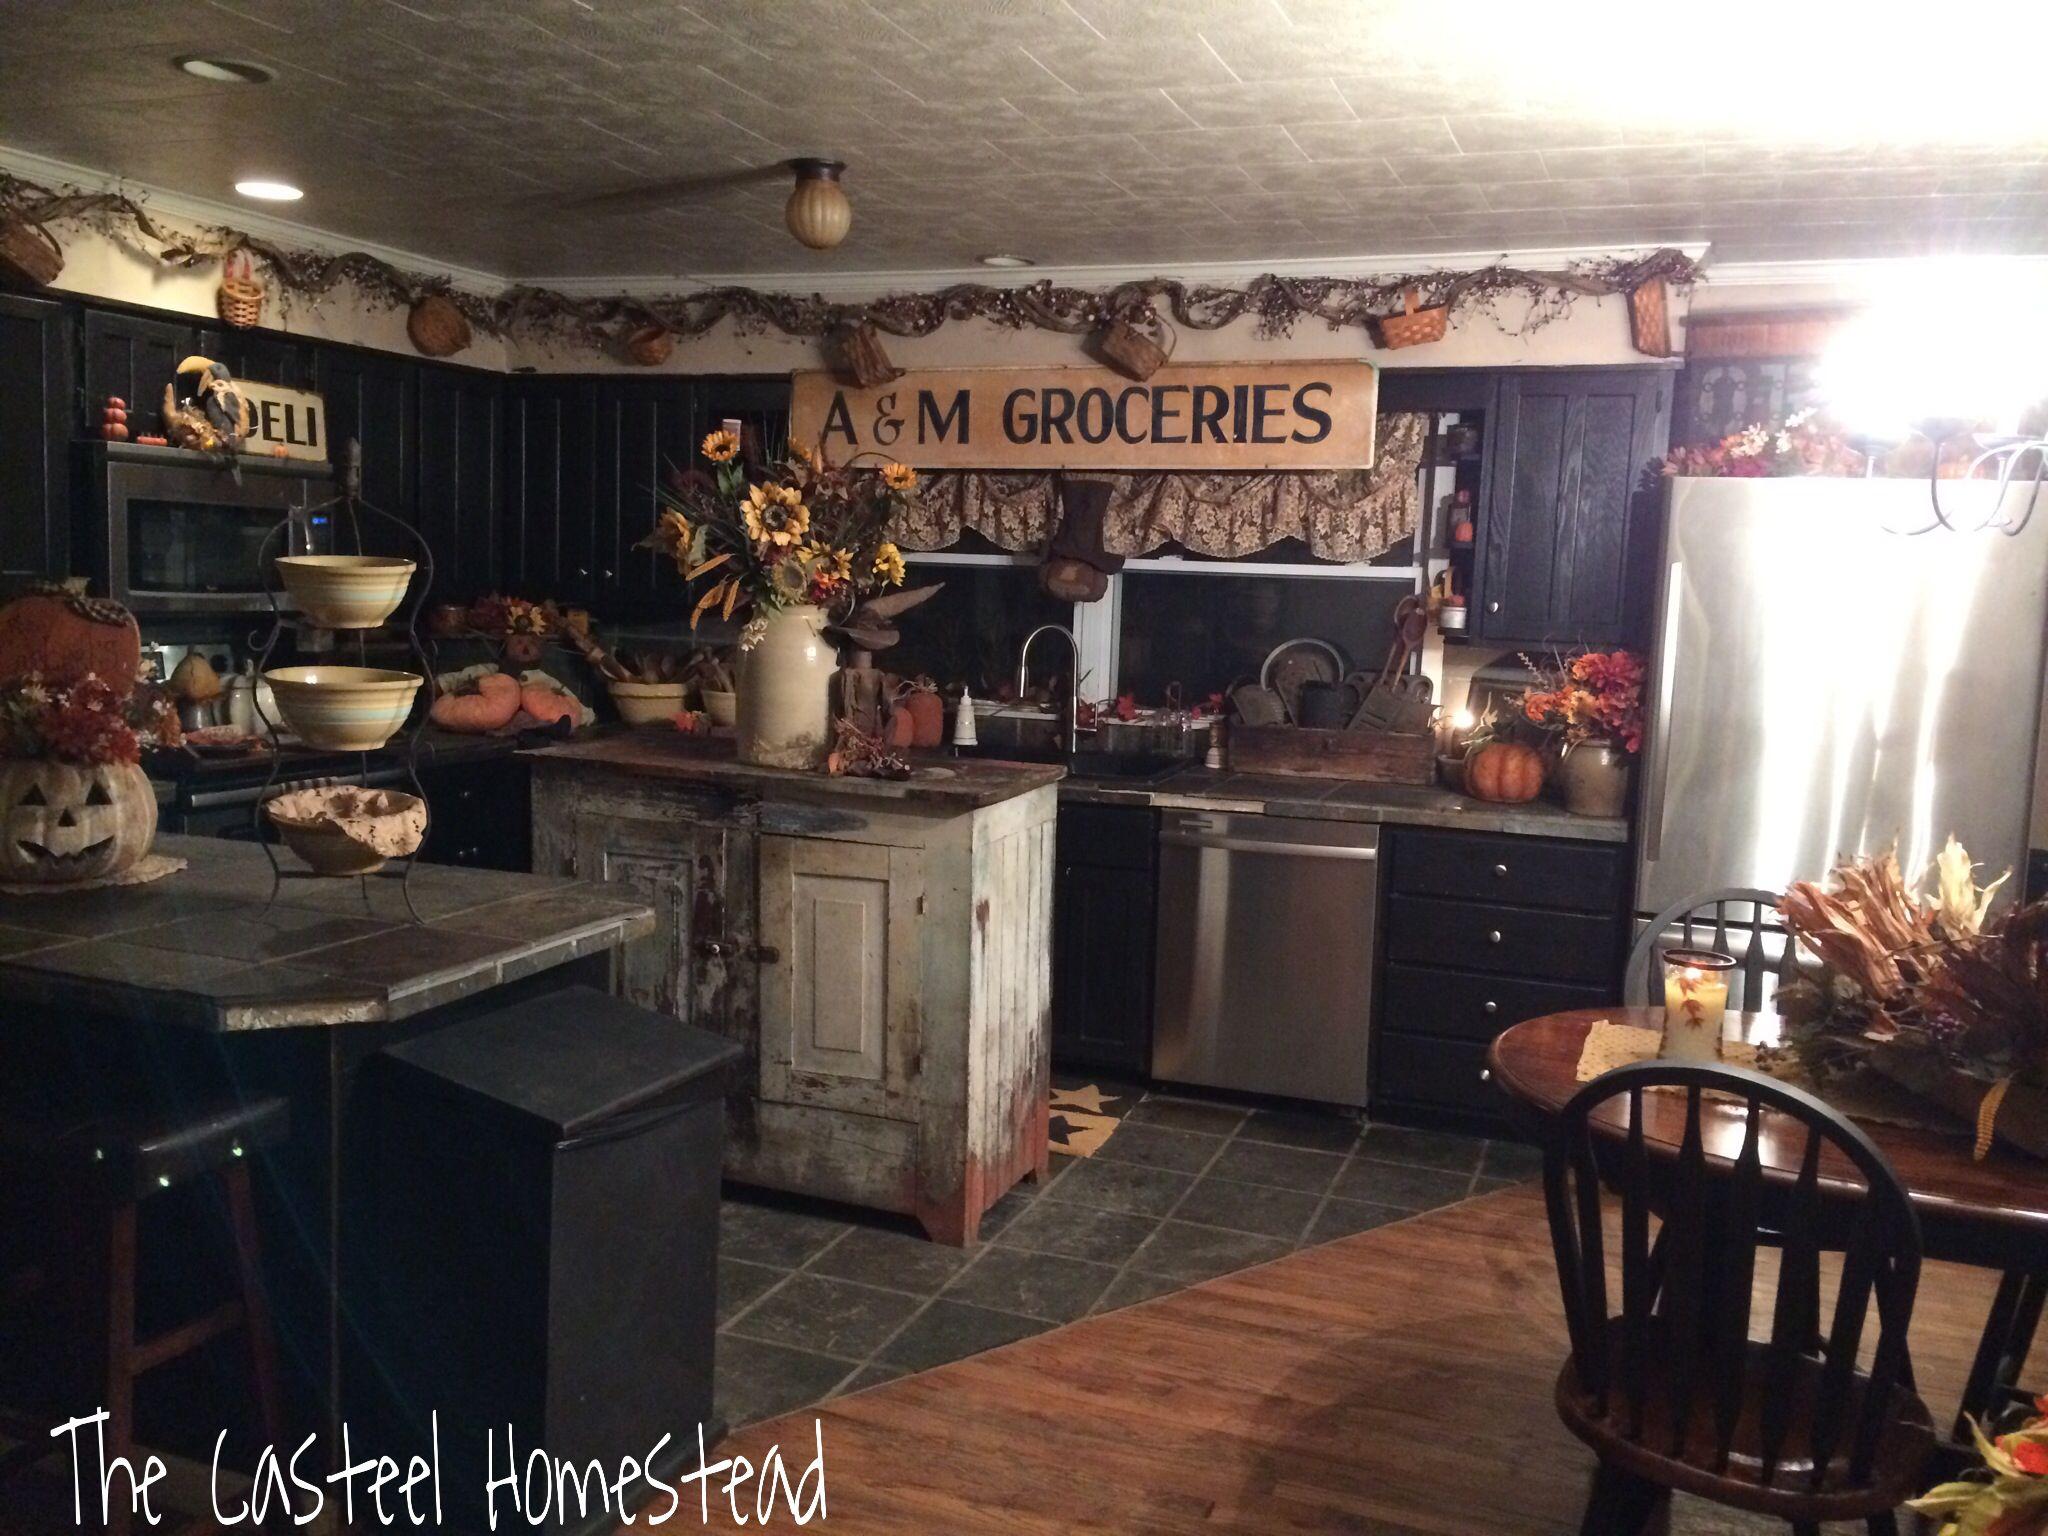 surprising Primitive Decor Kitchen Part - 17: Jozy Casteel Primitive kitchen :)